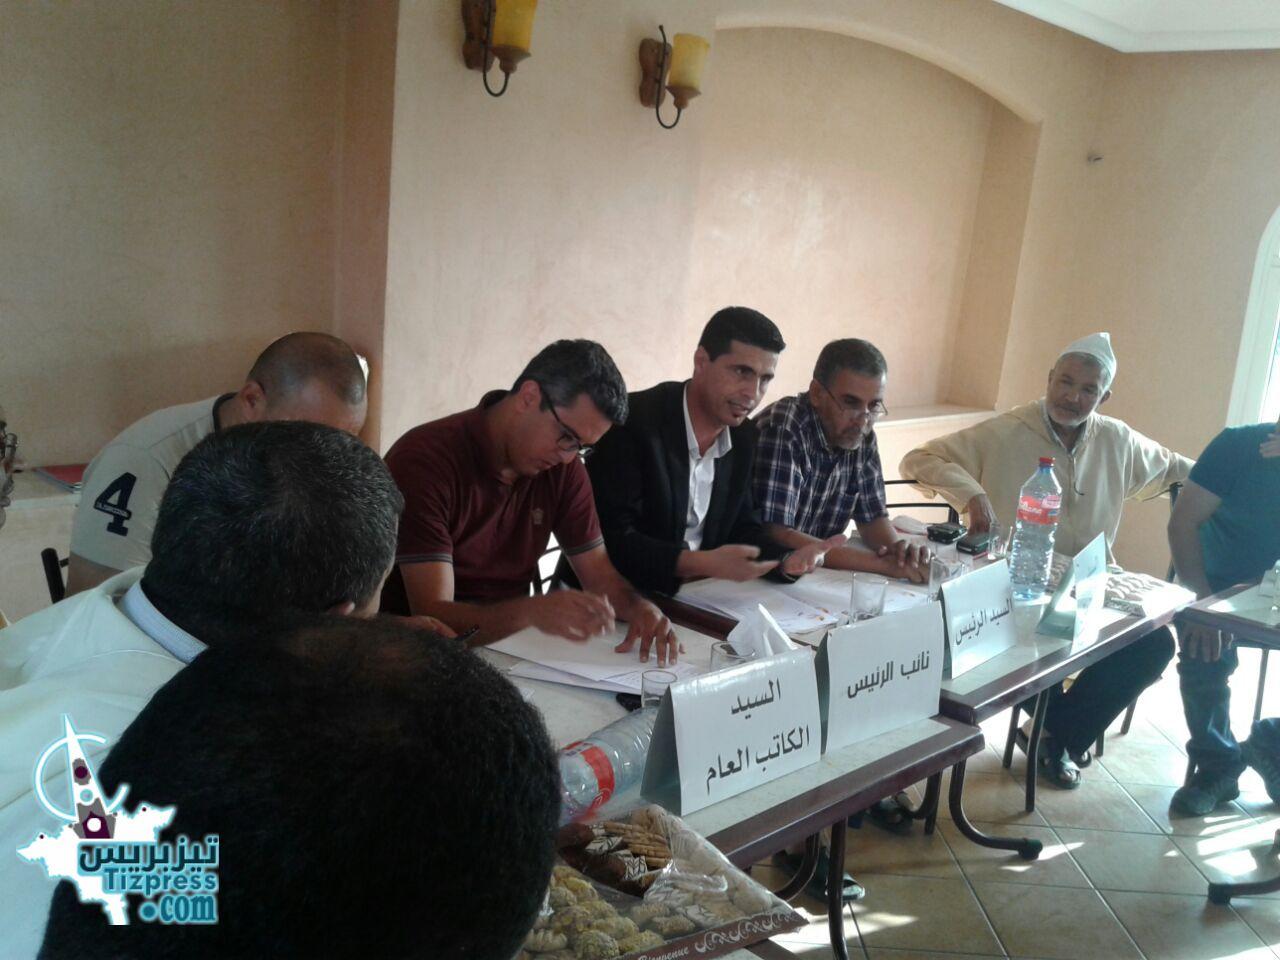 بالصور  : جمعية تيزنيت لمربي دجاج اللحم تعقد اجتماعا لمكتبها لتدارس مشاكل القطاع